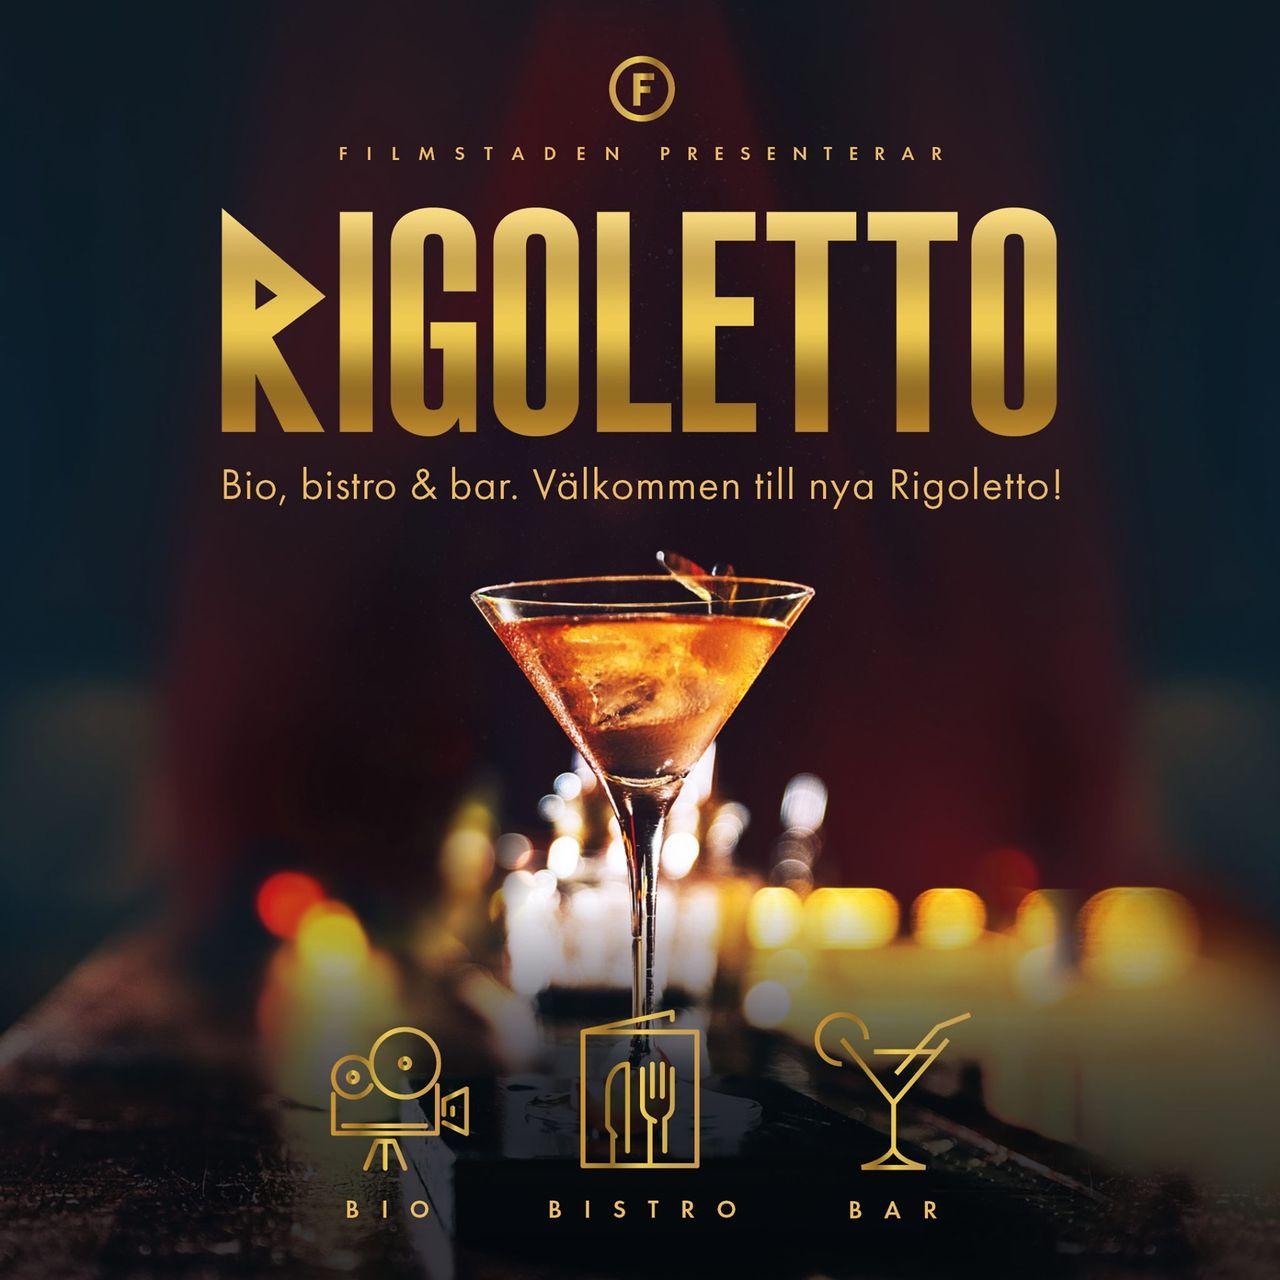 Biograf Rigoletto öppnar med nytt koncept